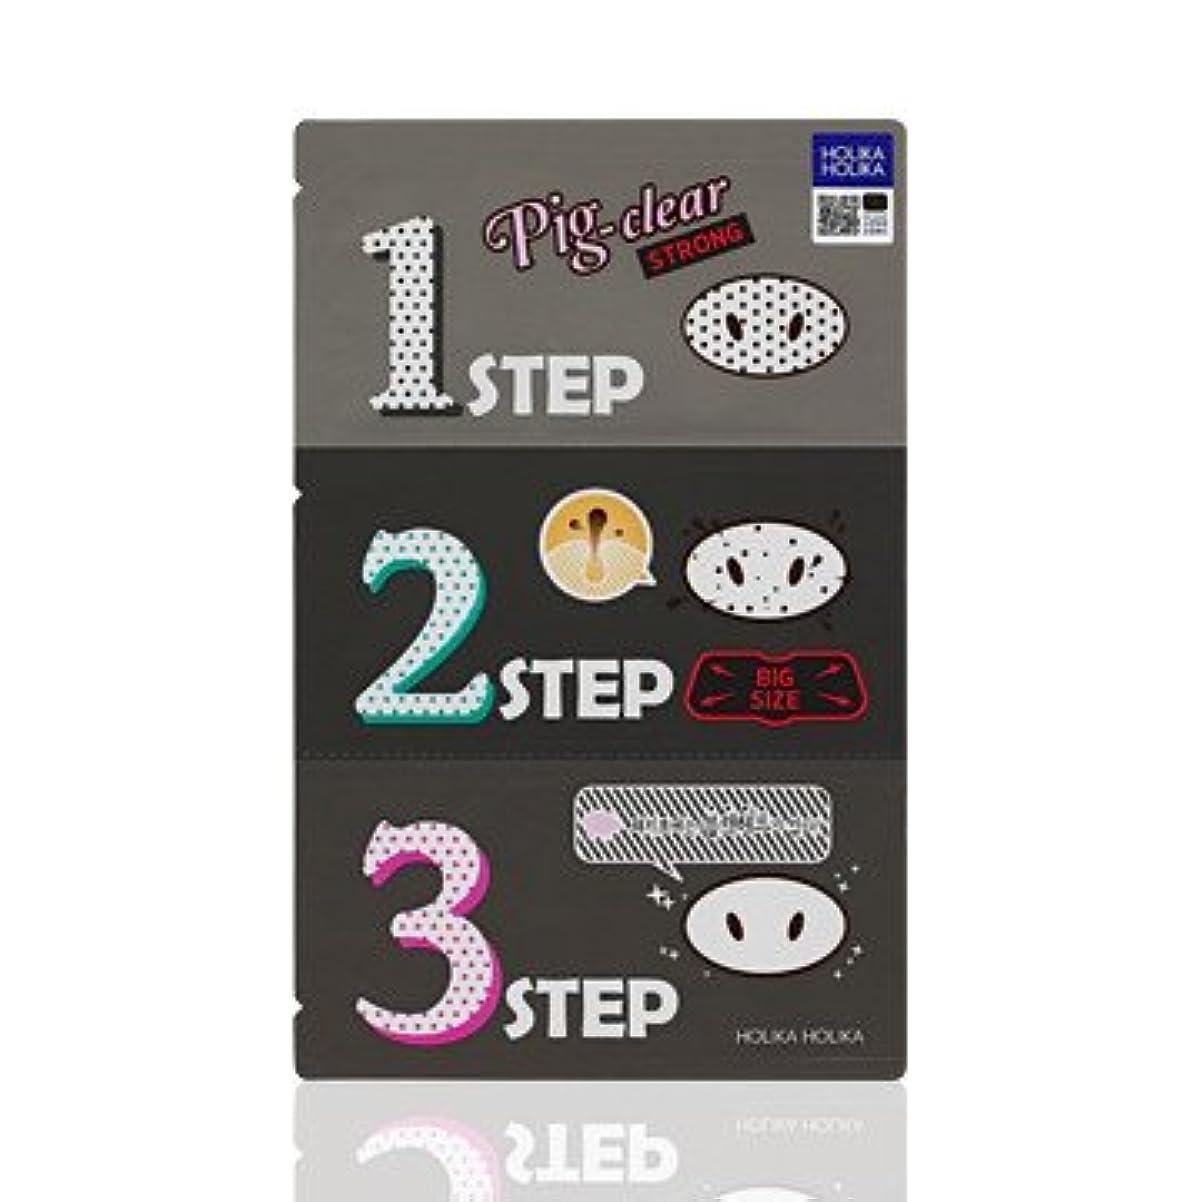 履歴書改革条件付きHolika Holika Pig Nose Clear Black Head 3-Step Kit 5EA